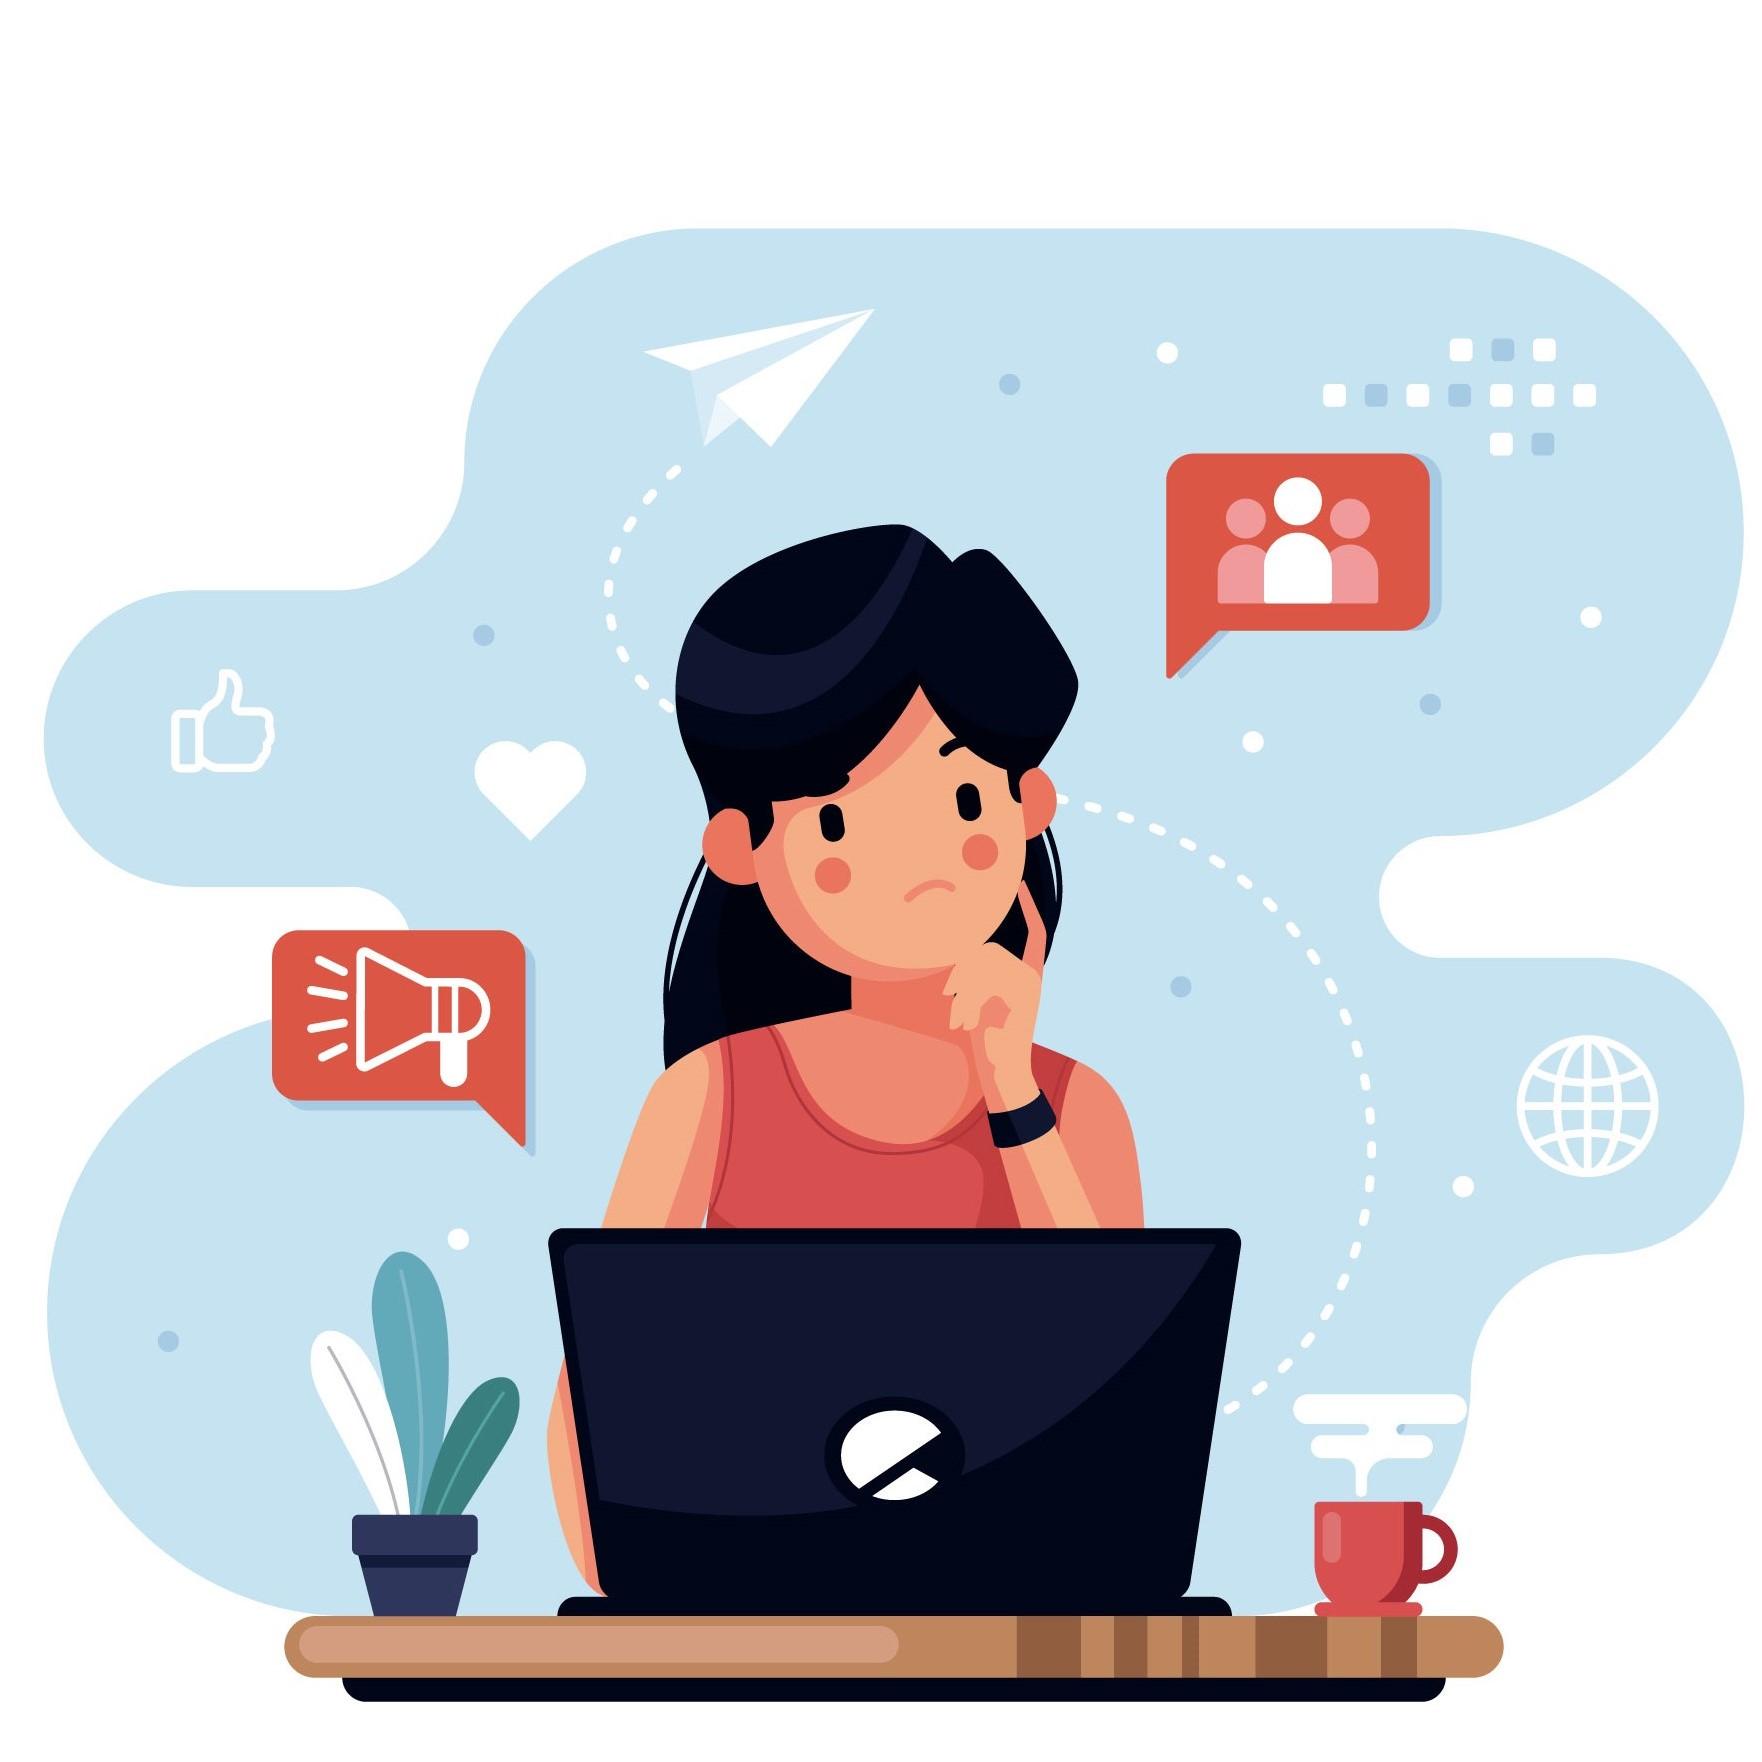 ilustração de uma mulher pensativa trabalhando em seu laptop sob uma escrivaninha